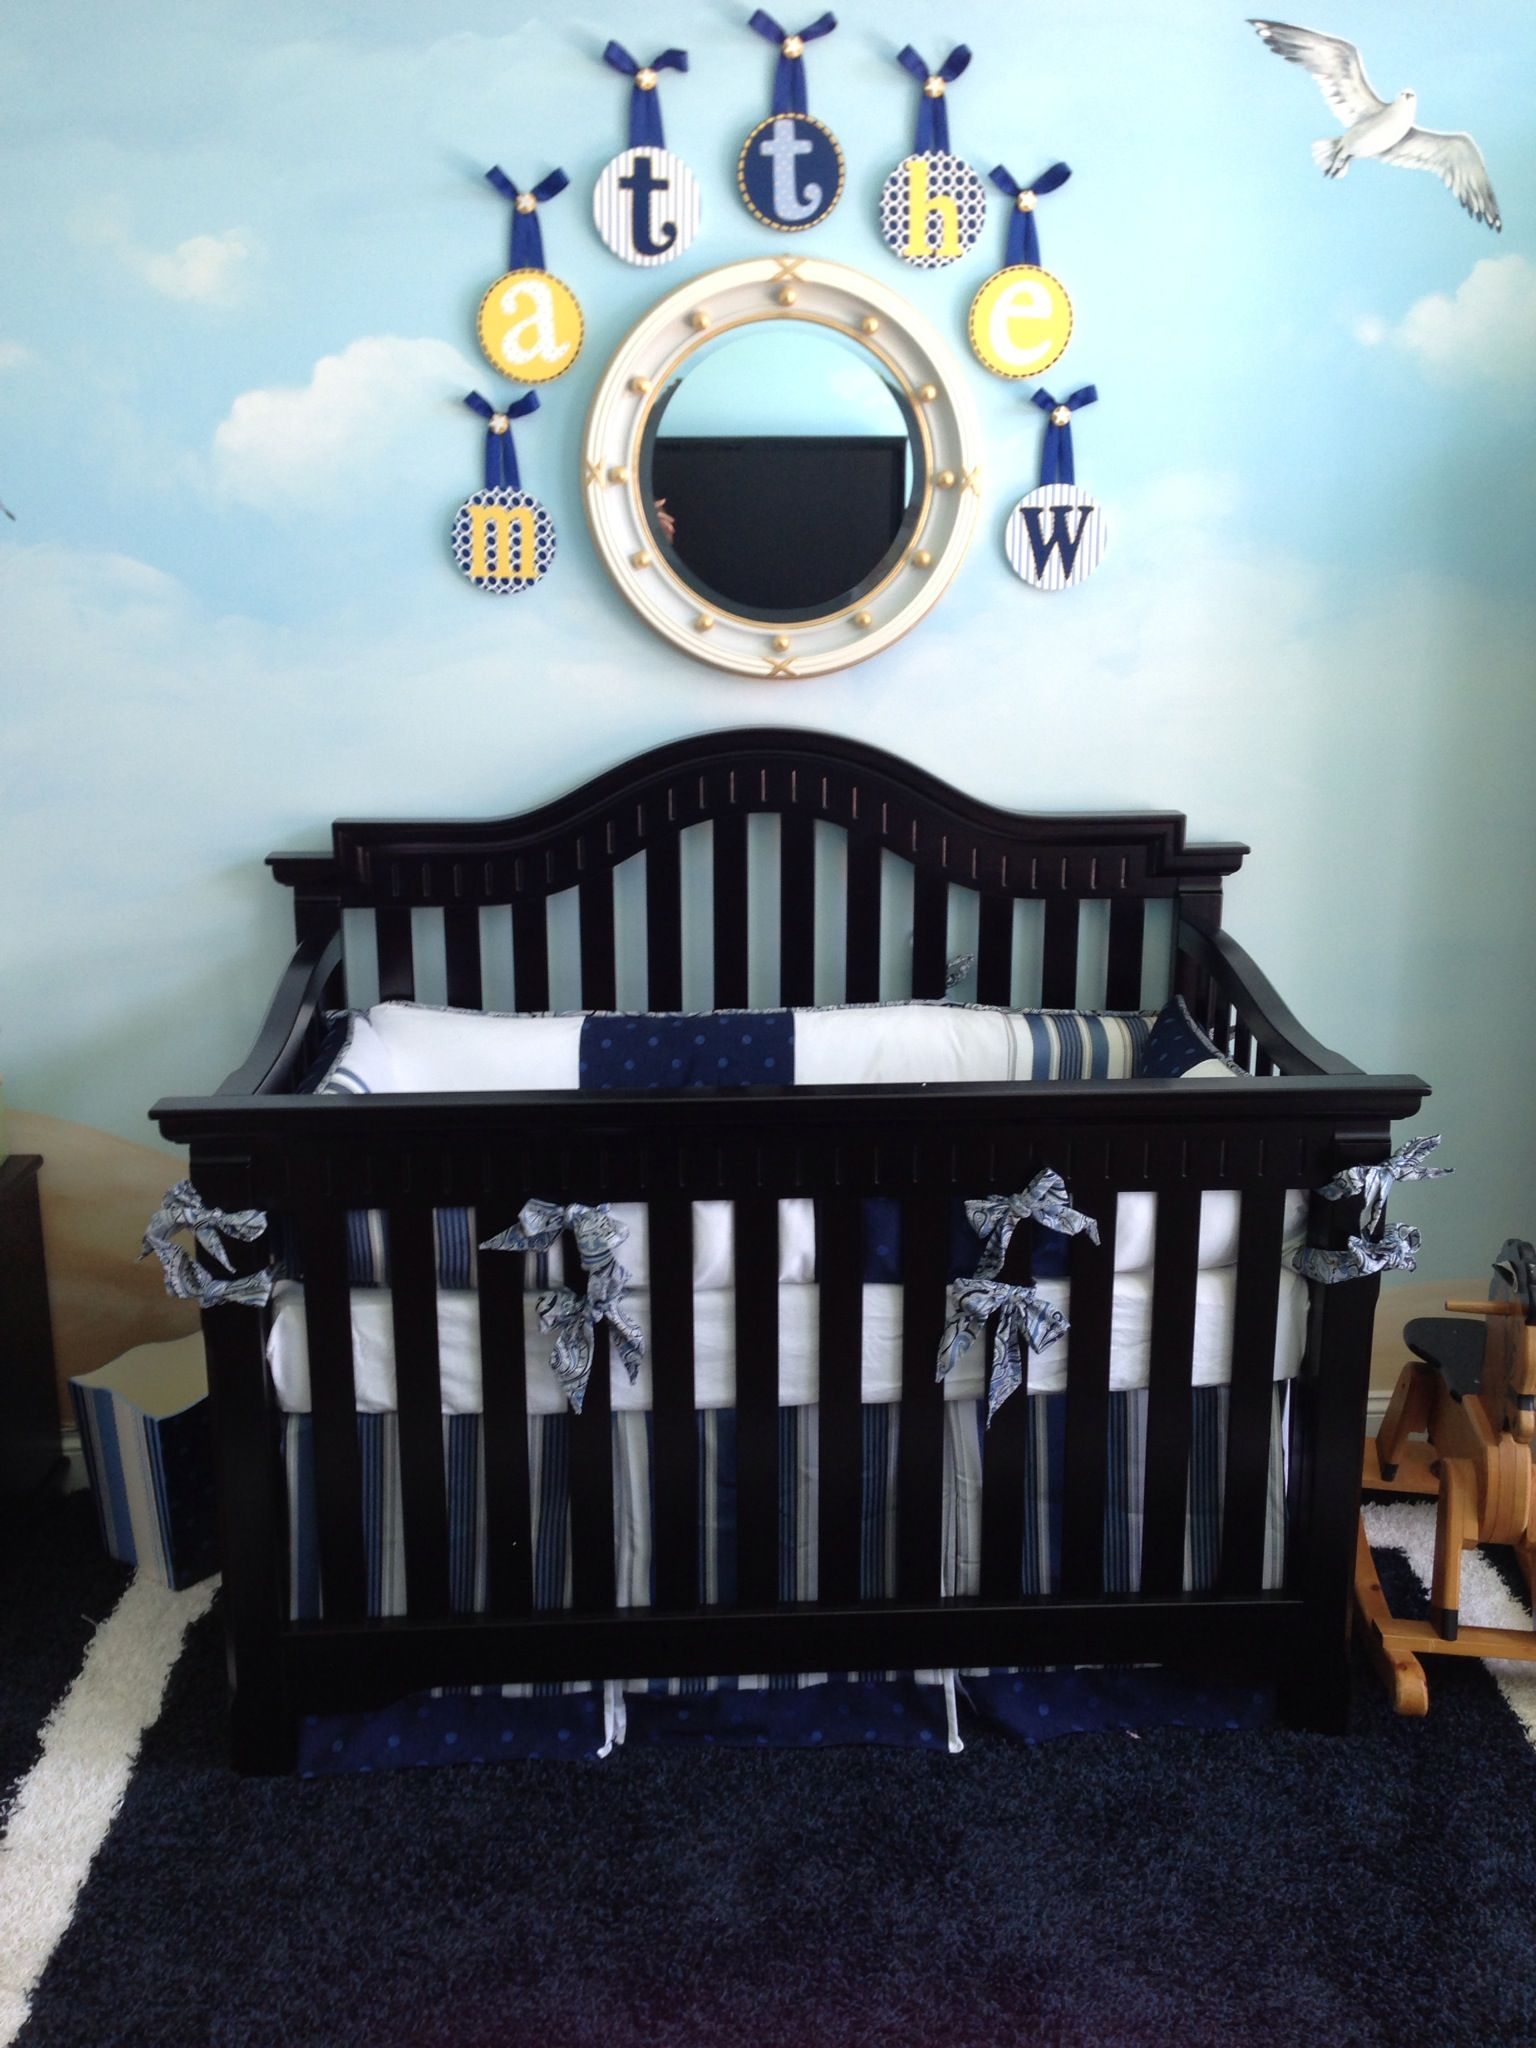 Pin By Bellinibabies On Bellini Nurseries Kids Furniture Stores